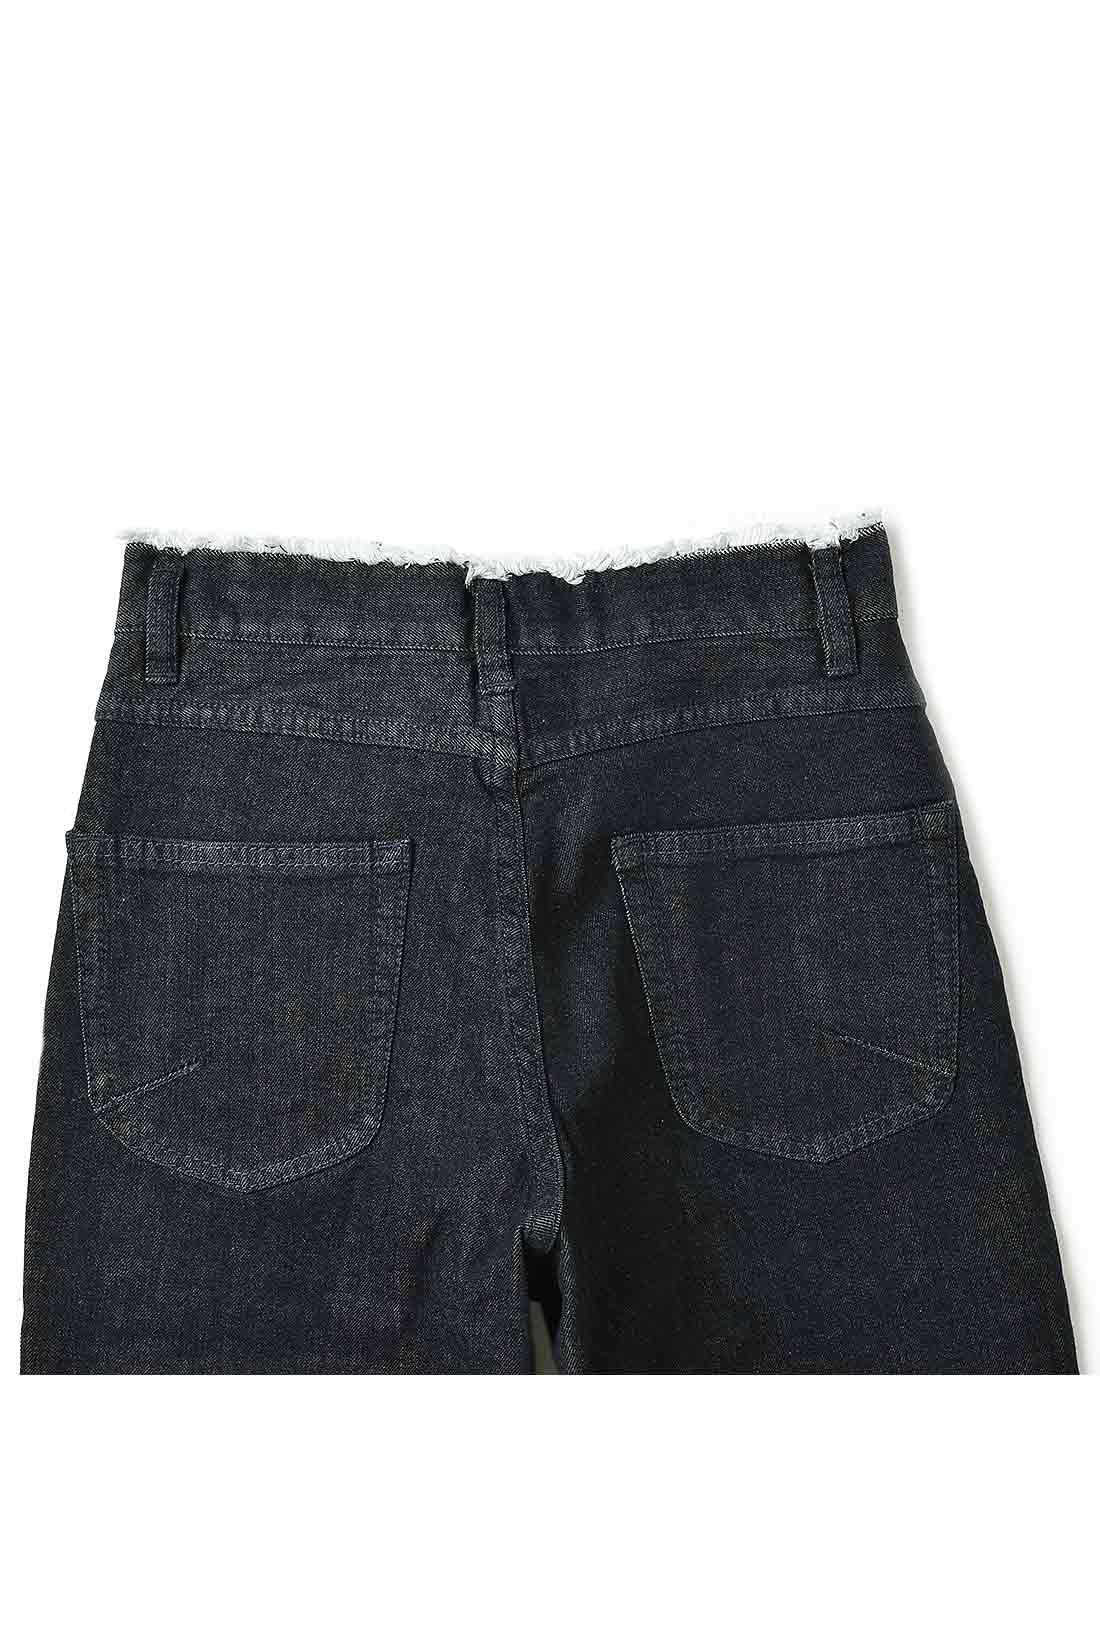 バックスタイルは大きめポケットがヒップをカバー。